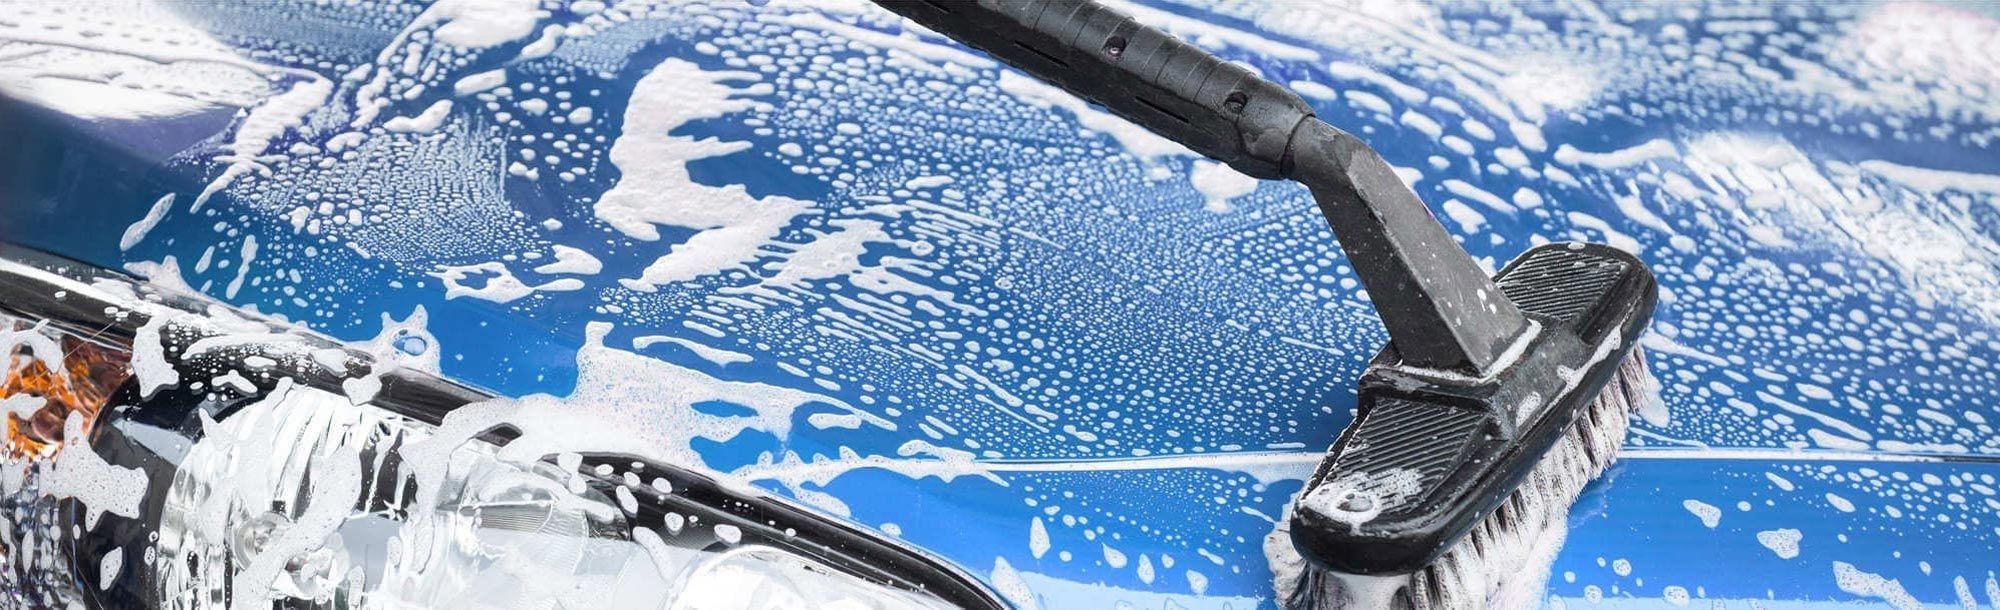 Reingungsmittel für Fahrzeuge